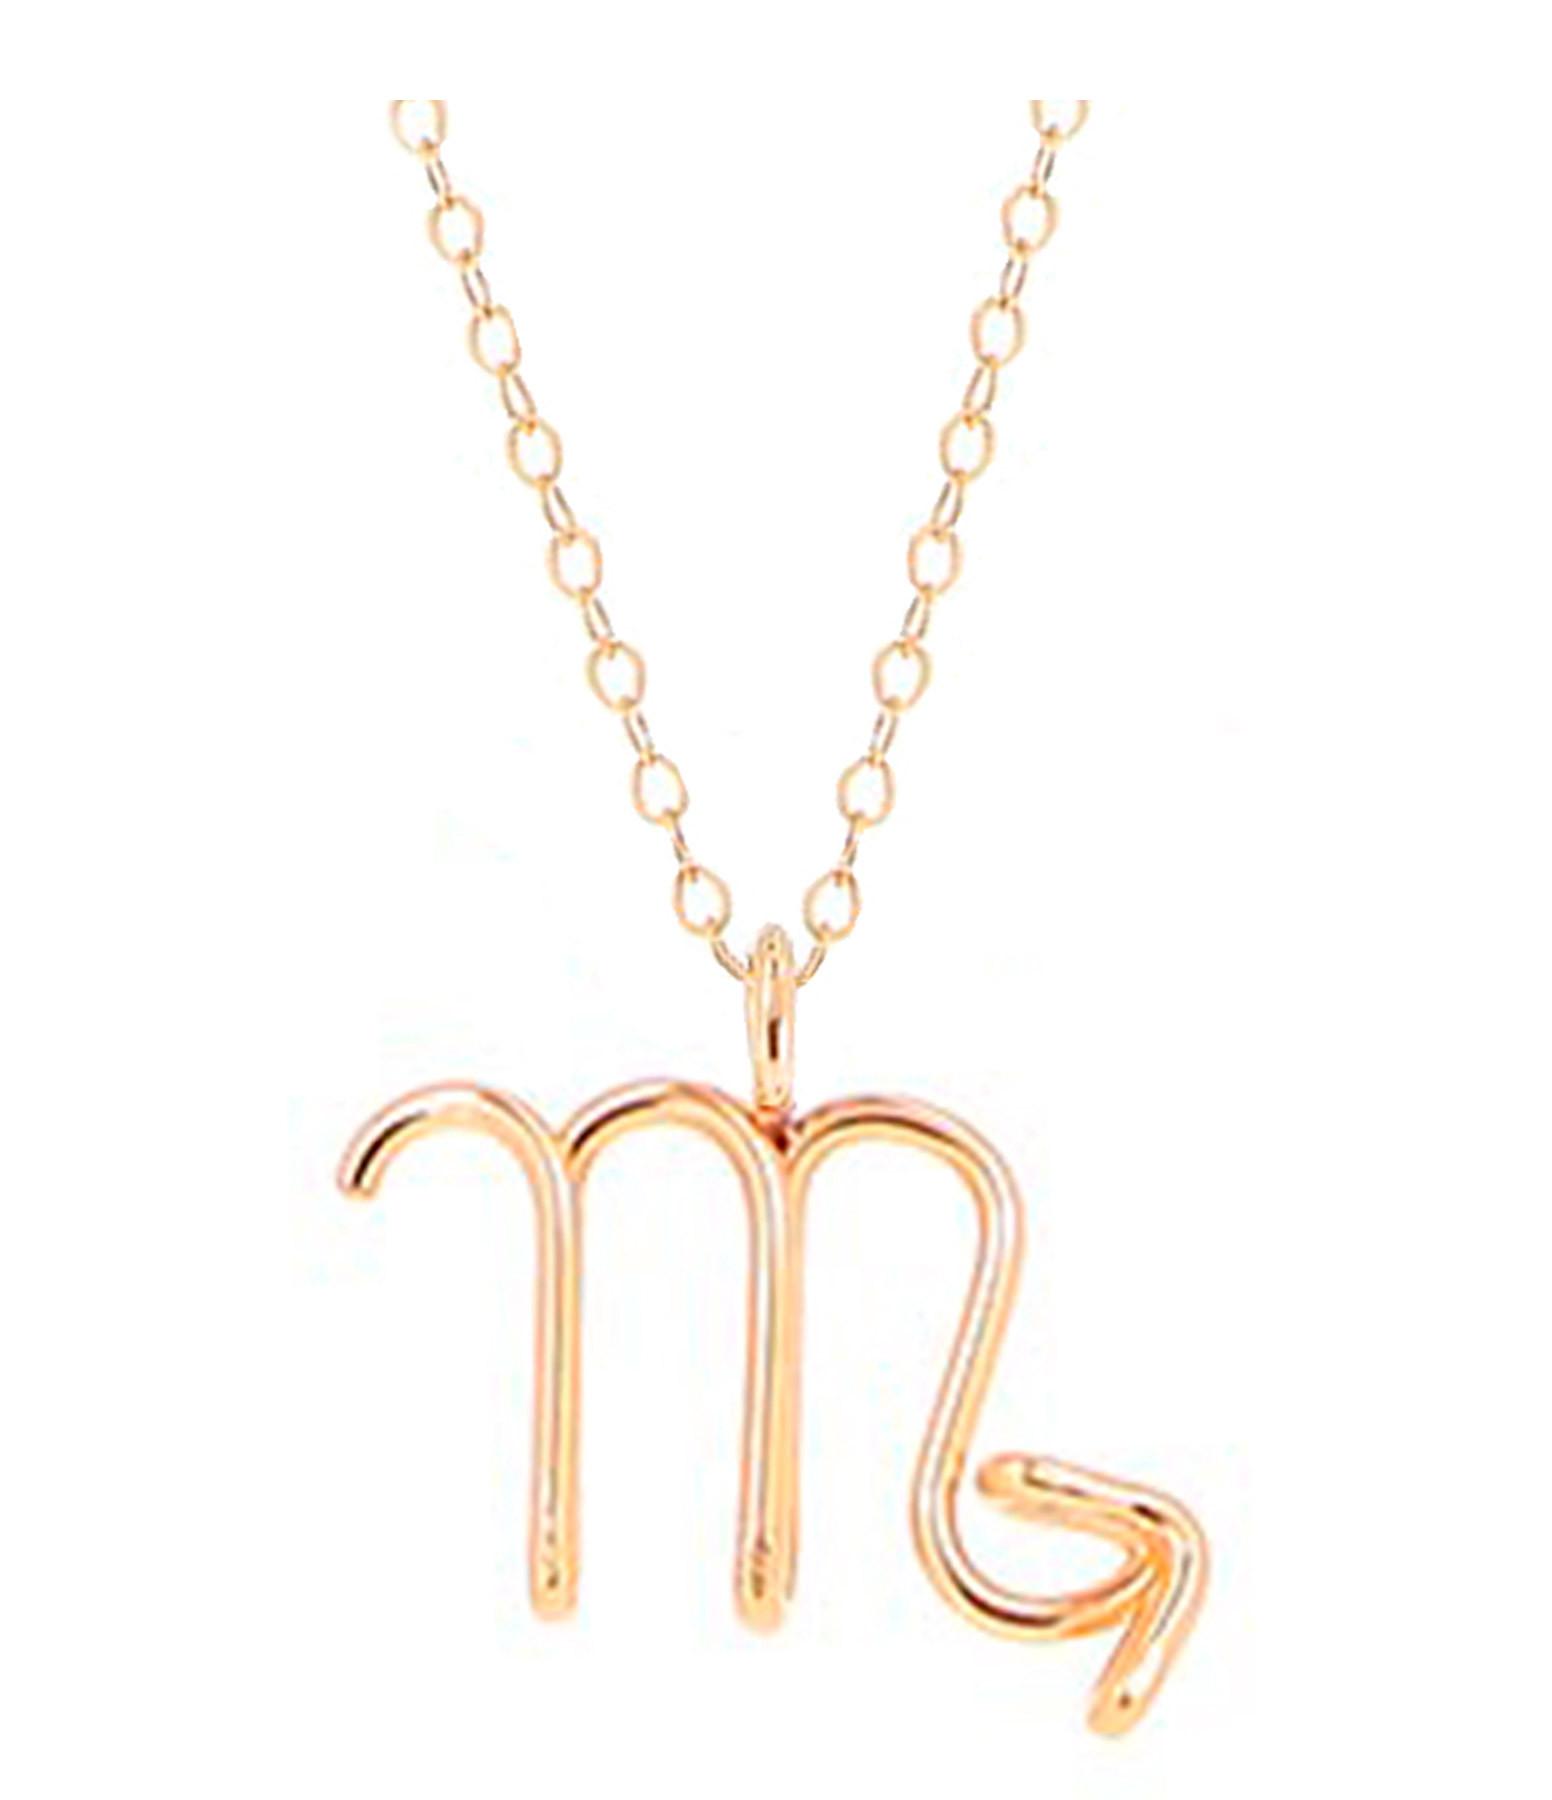 ATELIER PAULIN - Collier Astrologie Scorpion Gold Filled 14K